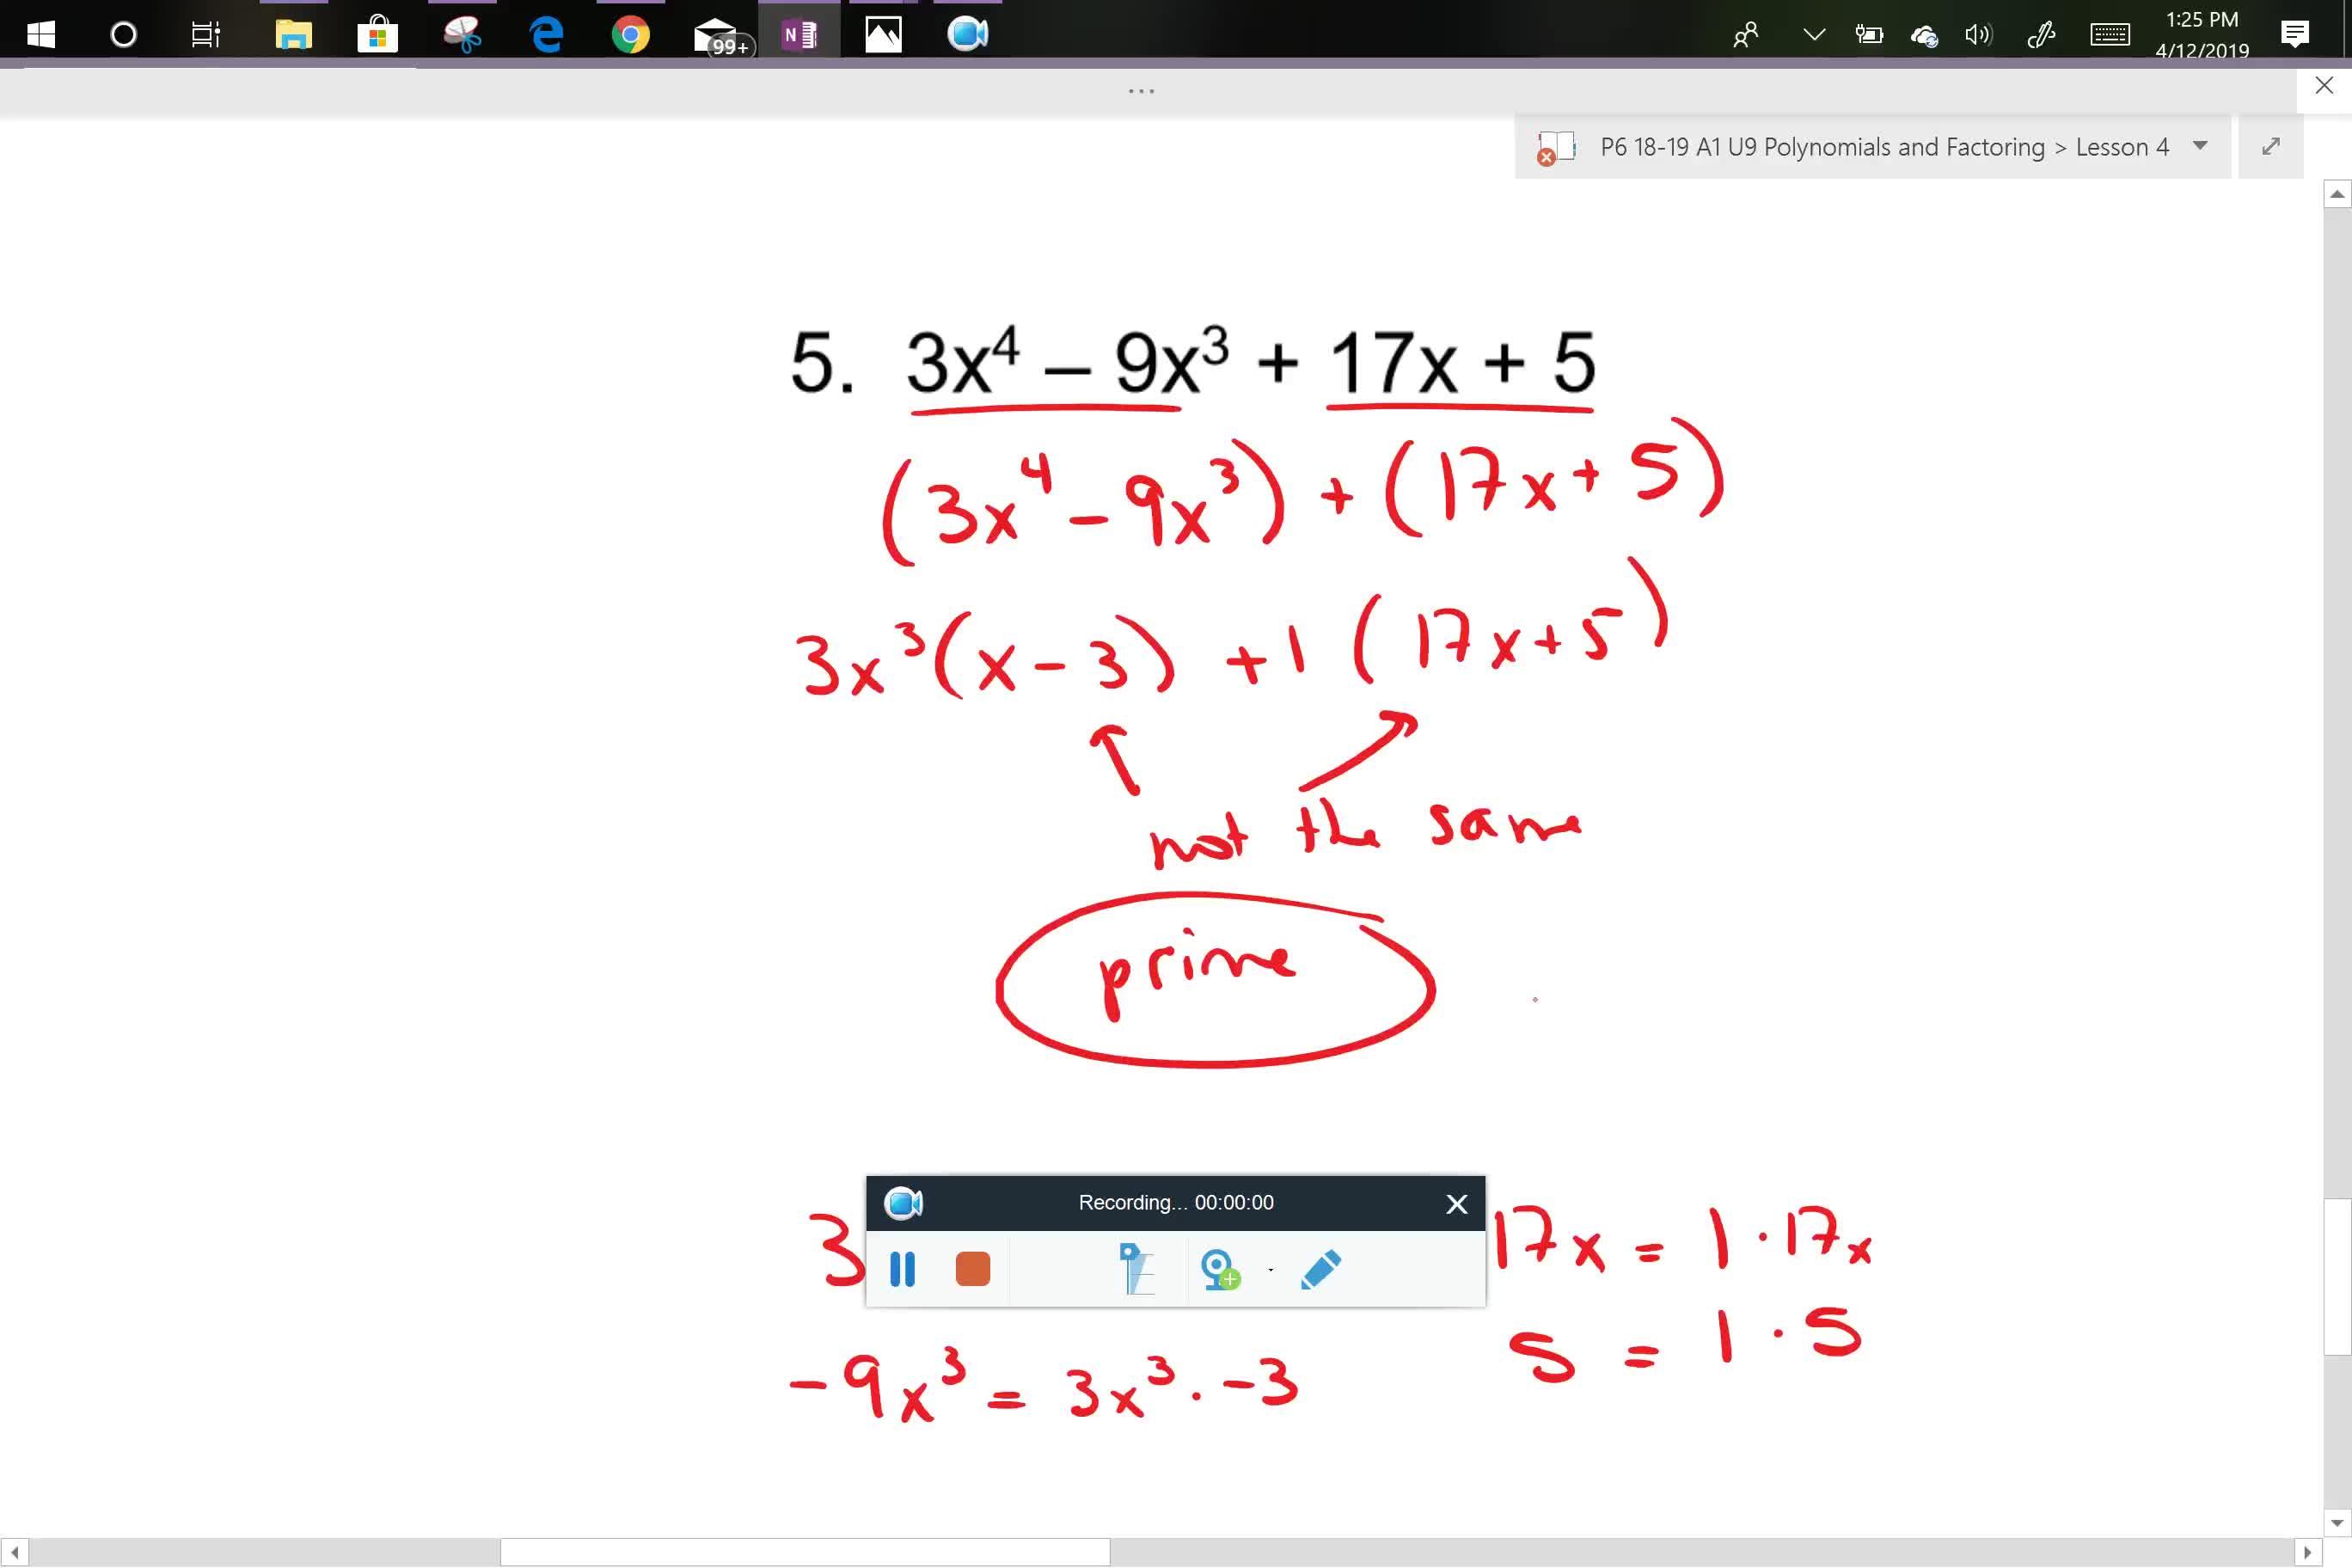 A1 U9L4 problem 5